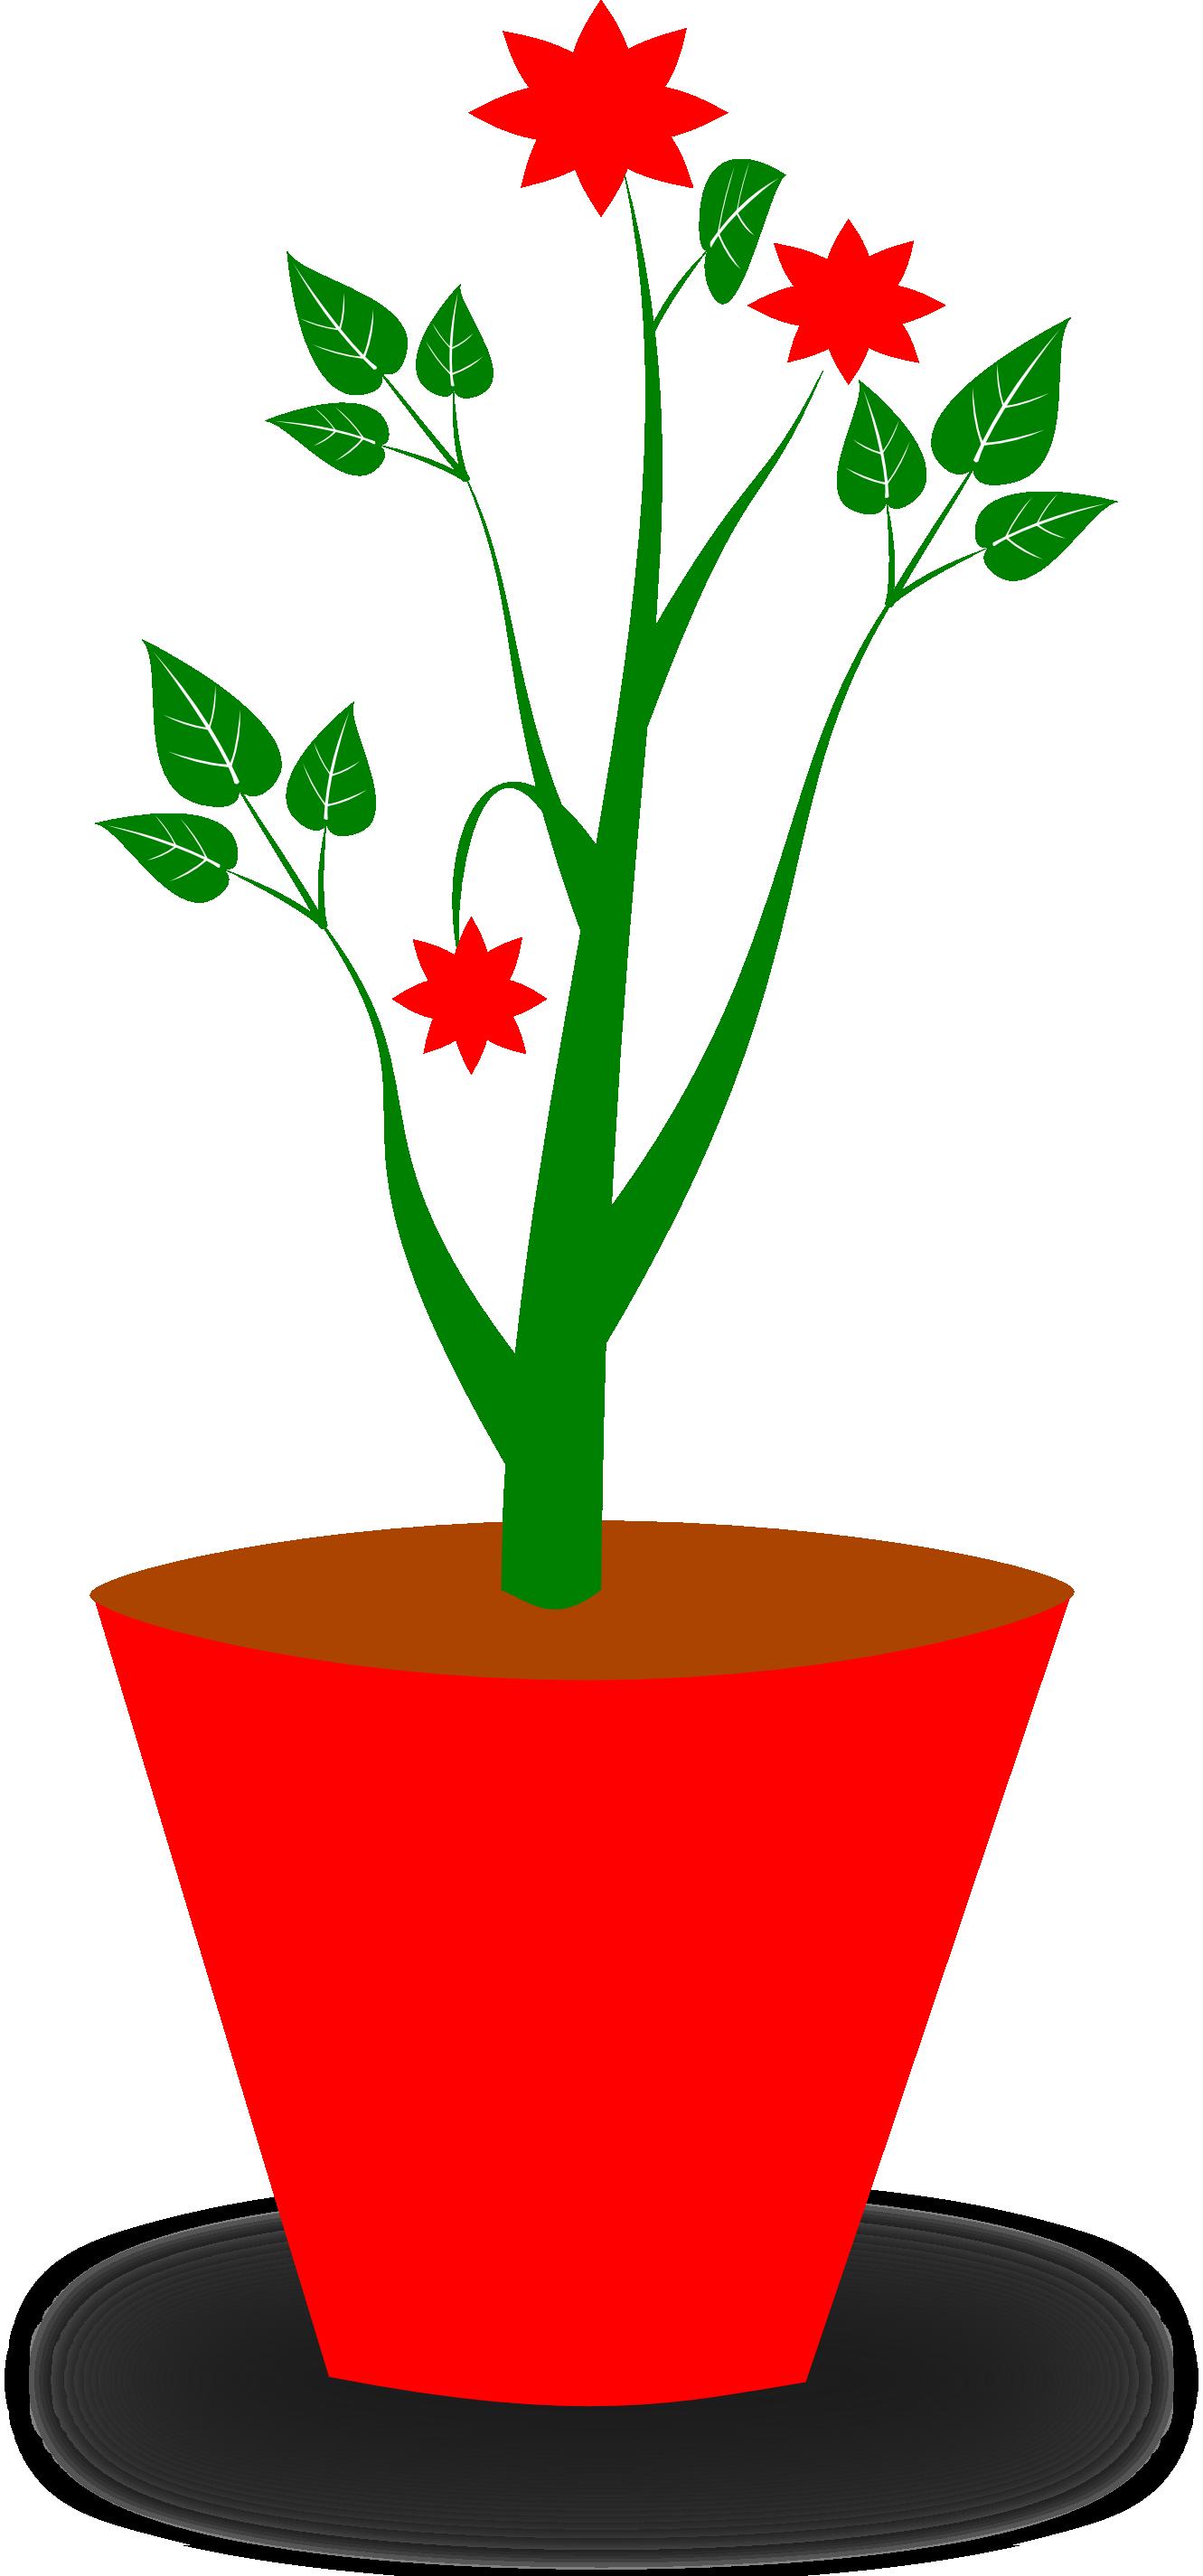 Poinsettia clipart potplants. Flower potted plant panda